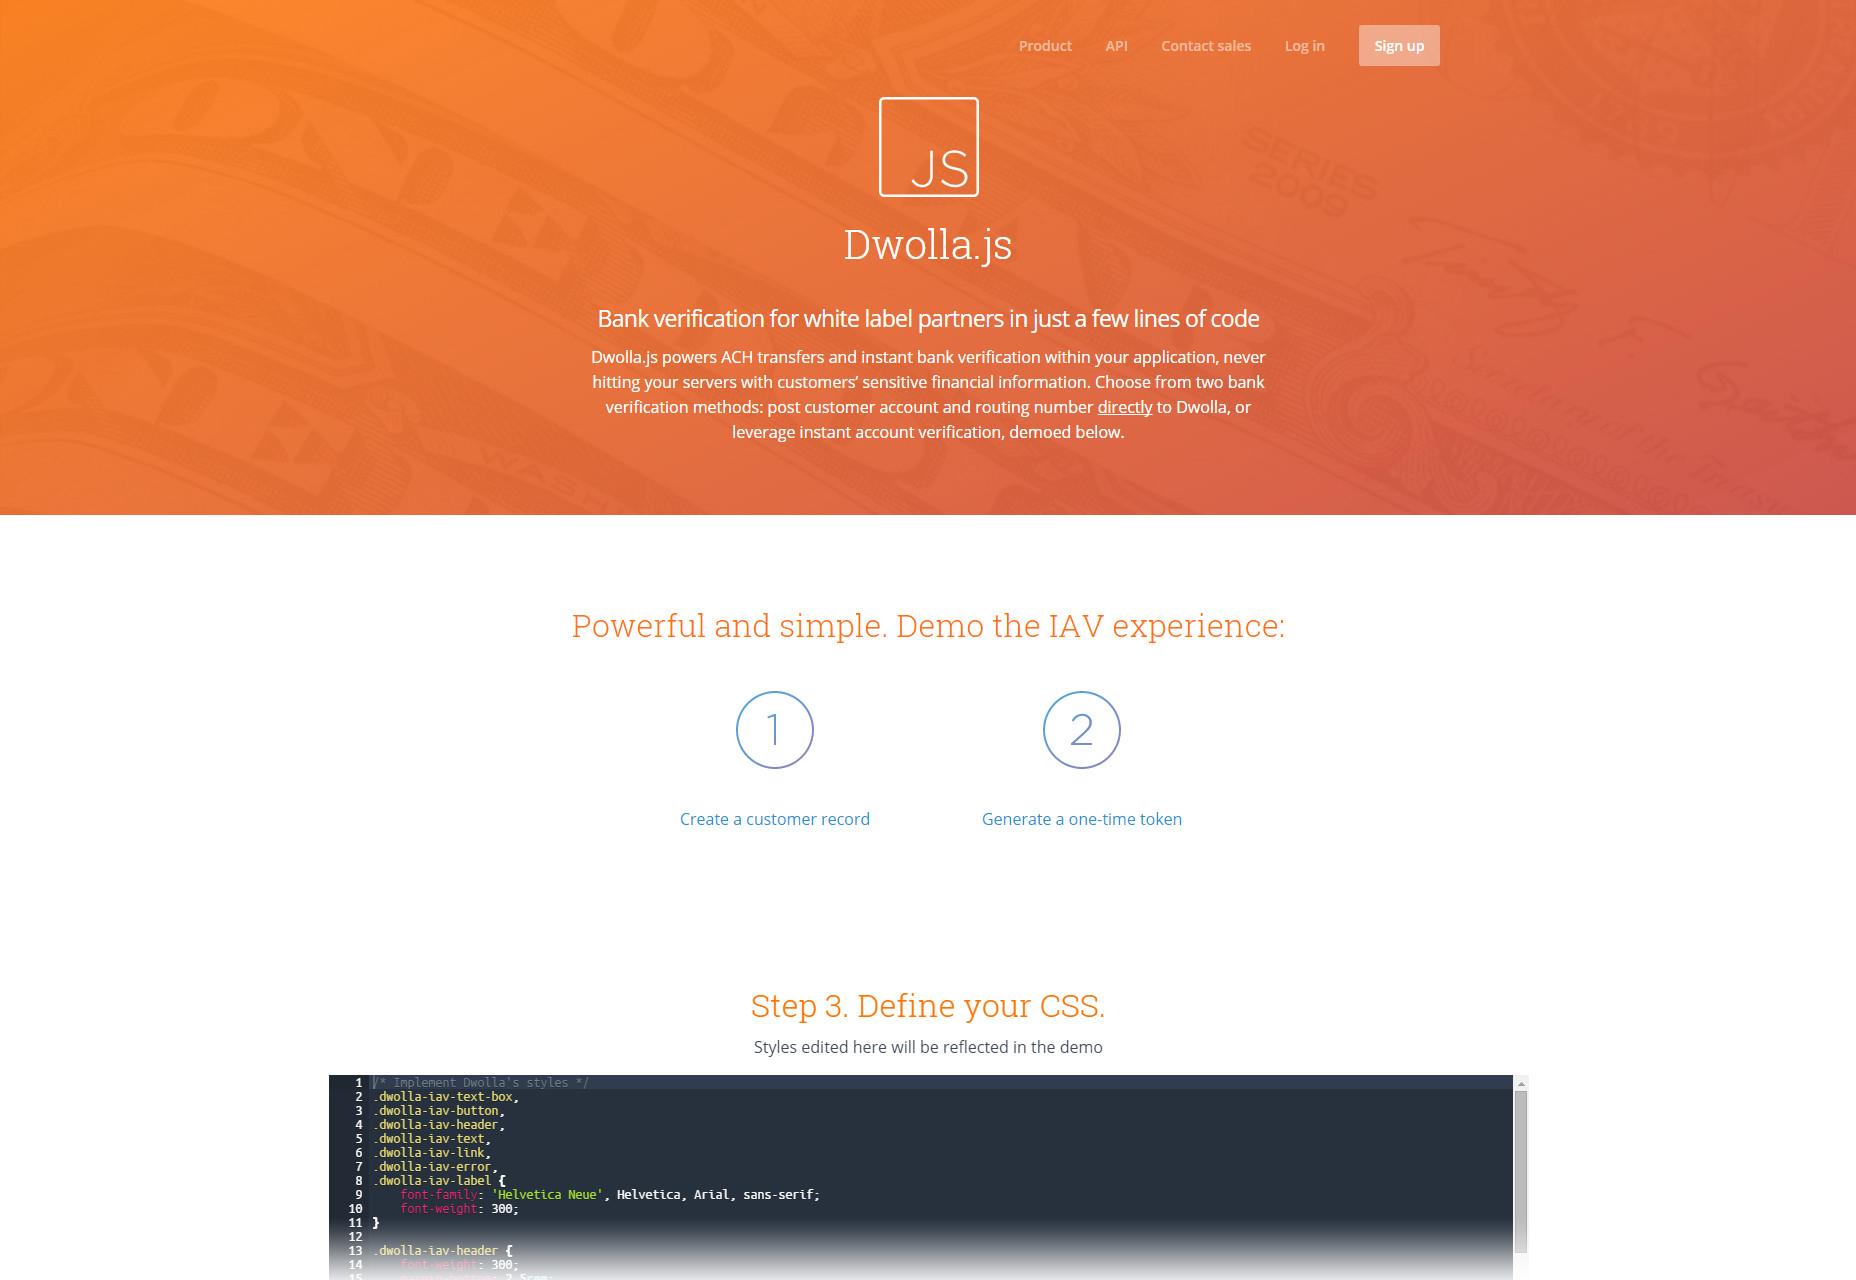 Dwolla.js: verificación de banco asociado de etiqueta blanca corta